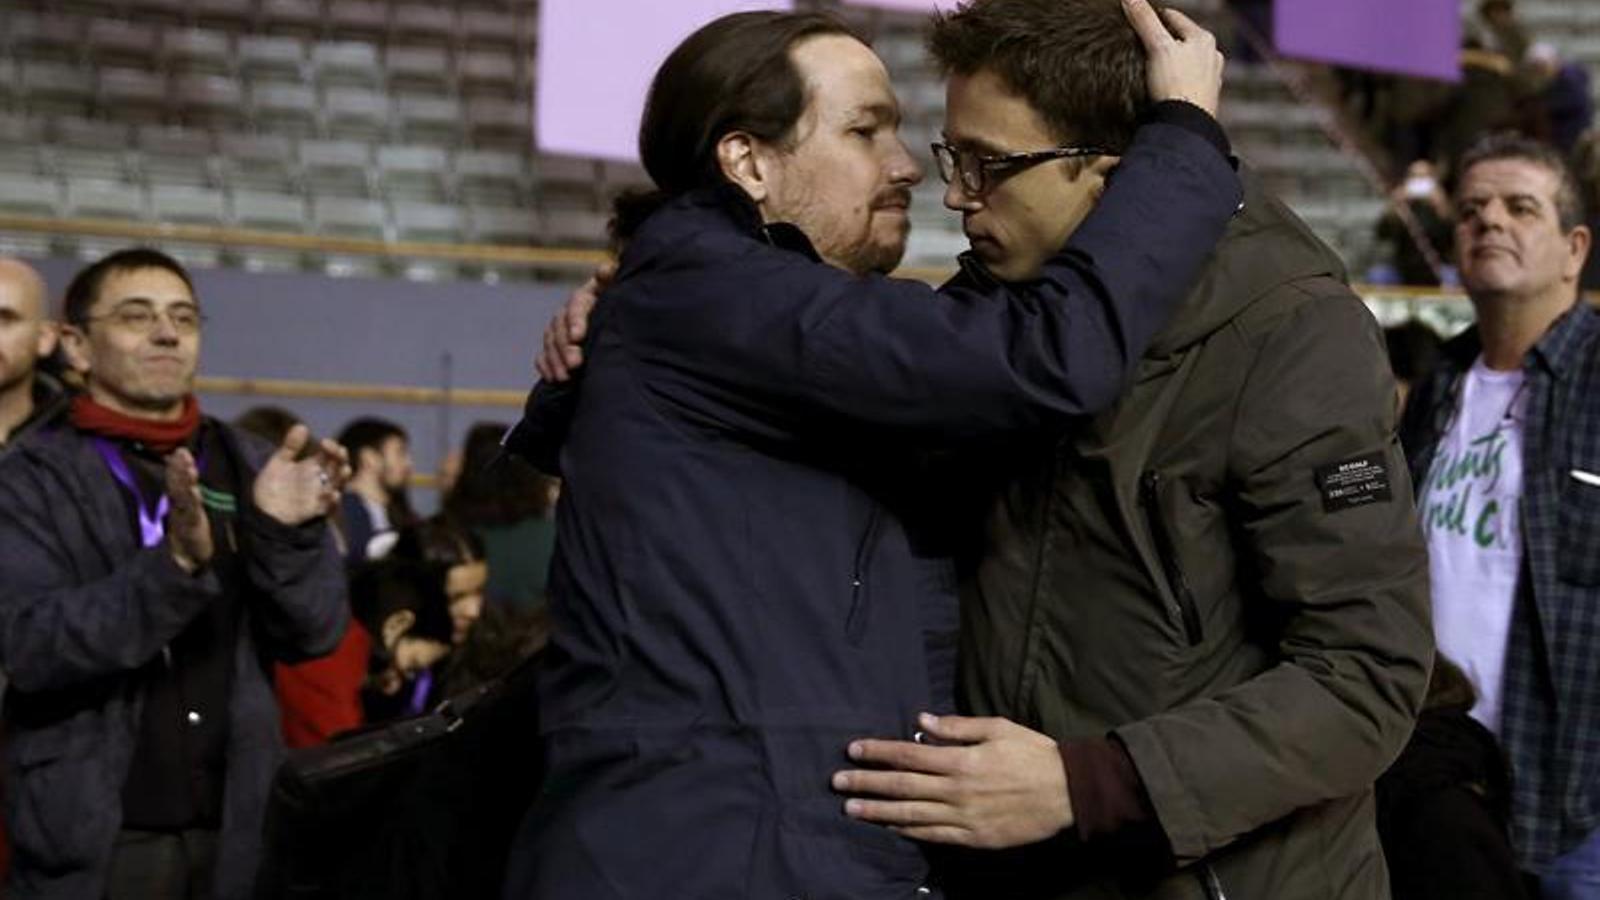 Iglesias intenta fer un petó a Errejón després d'abraçar-se a Vistalegre 2. EFE